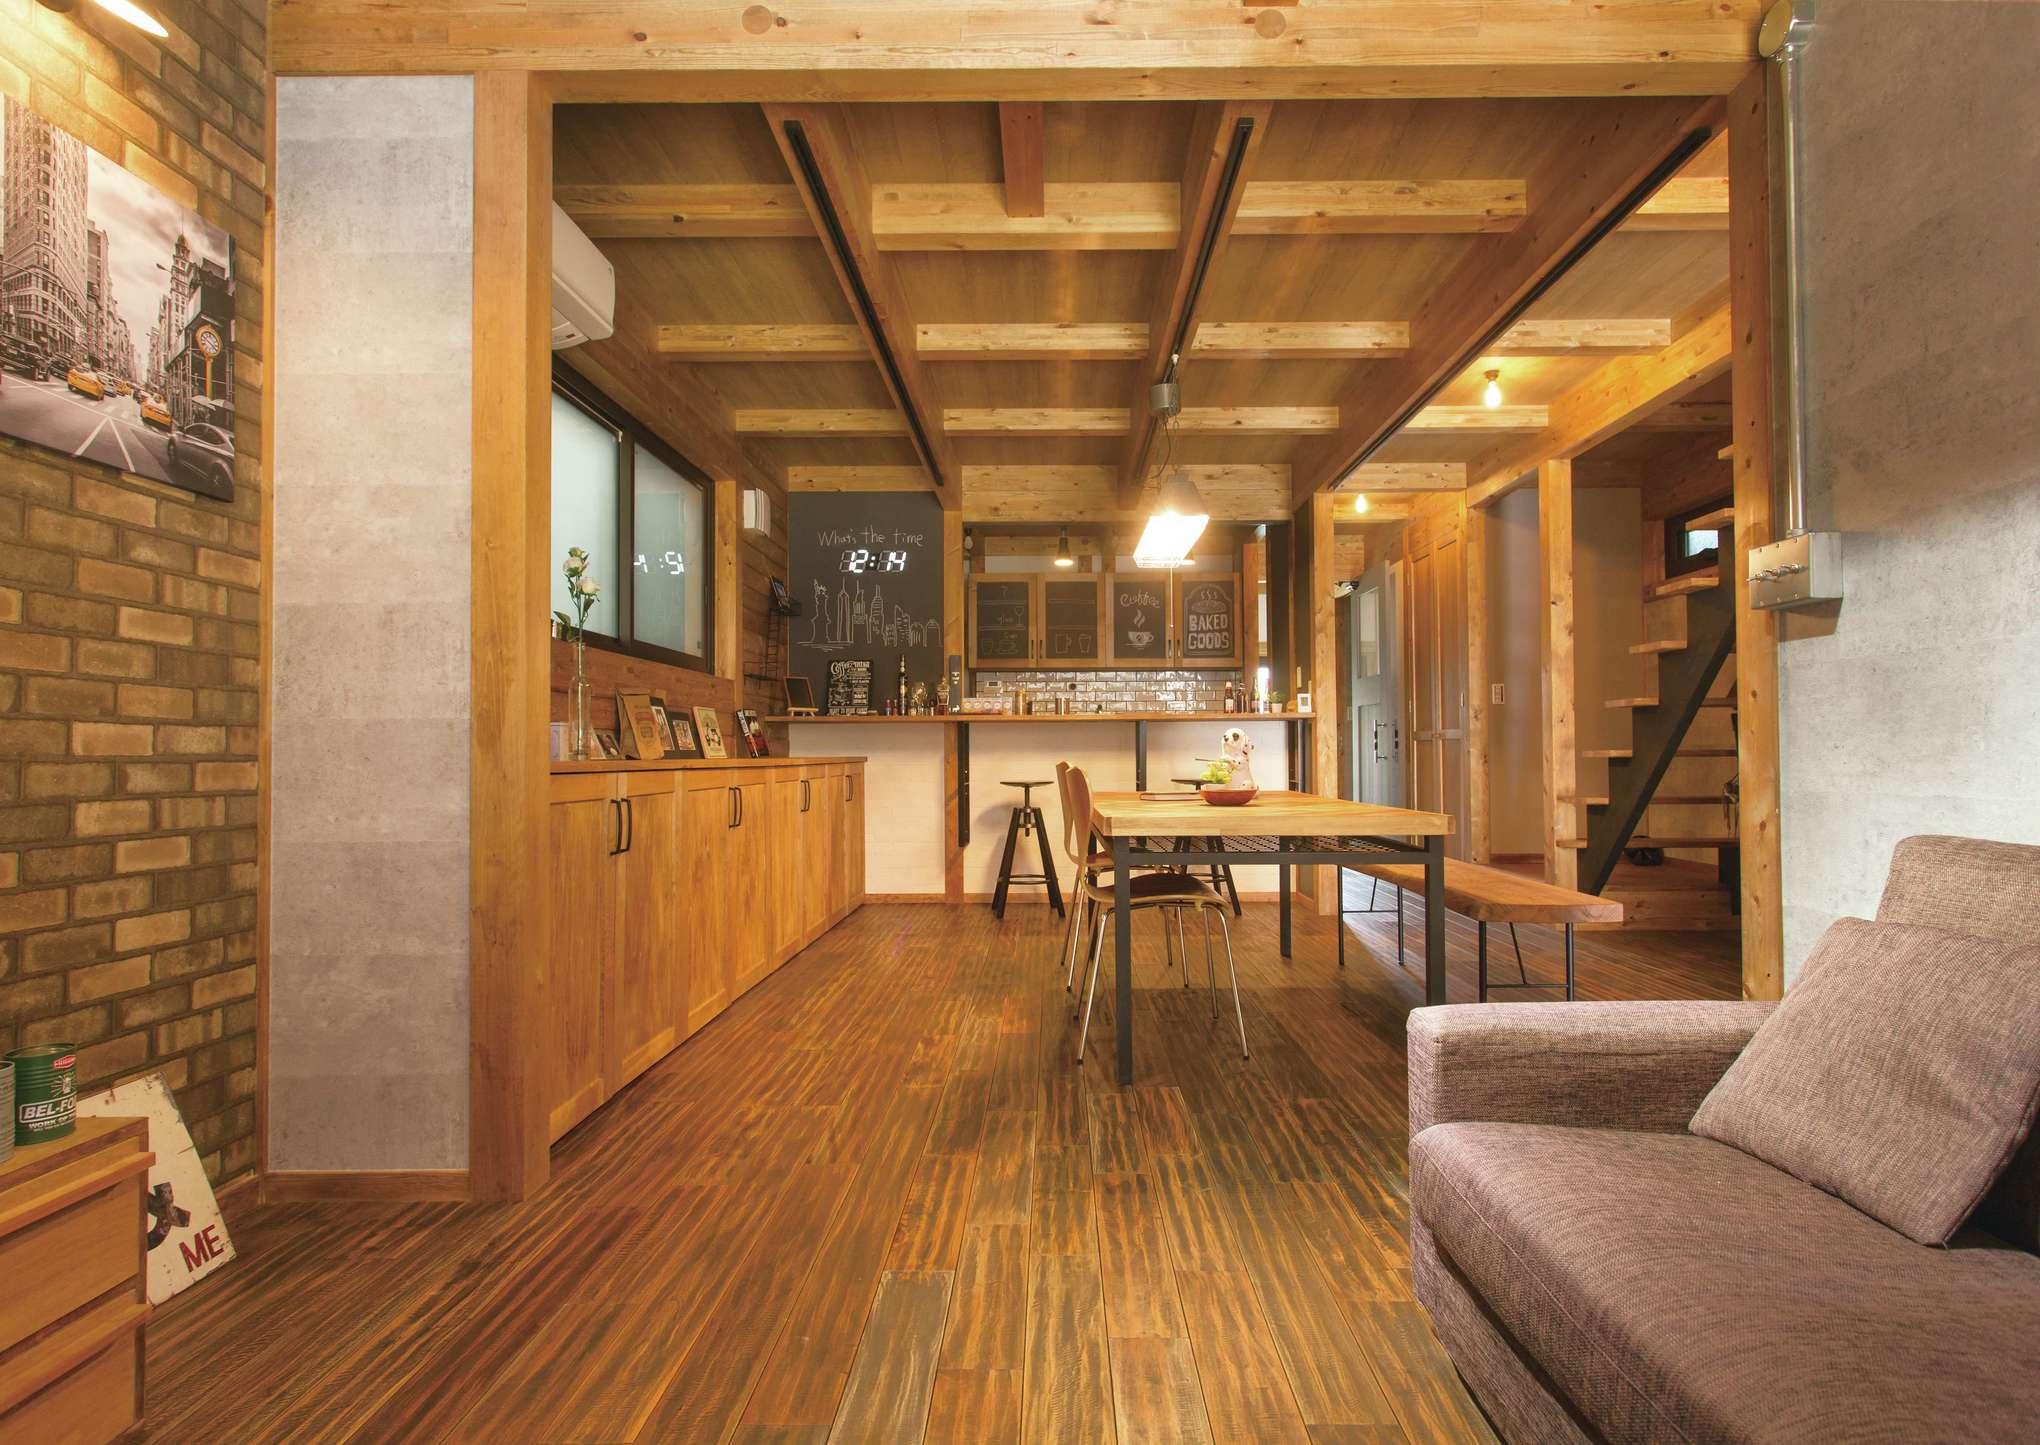 サイエンスホーム【1000万円台、デザイン住宅、間取り】男前なブルックリンテイストに仕上げたLDKは、22畳を超えるゆとりの空間。ヴィンテージ感のある床はひのき(マホガニー)